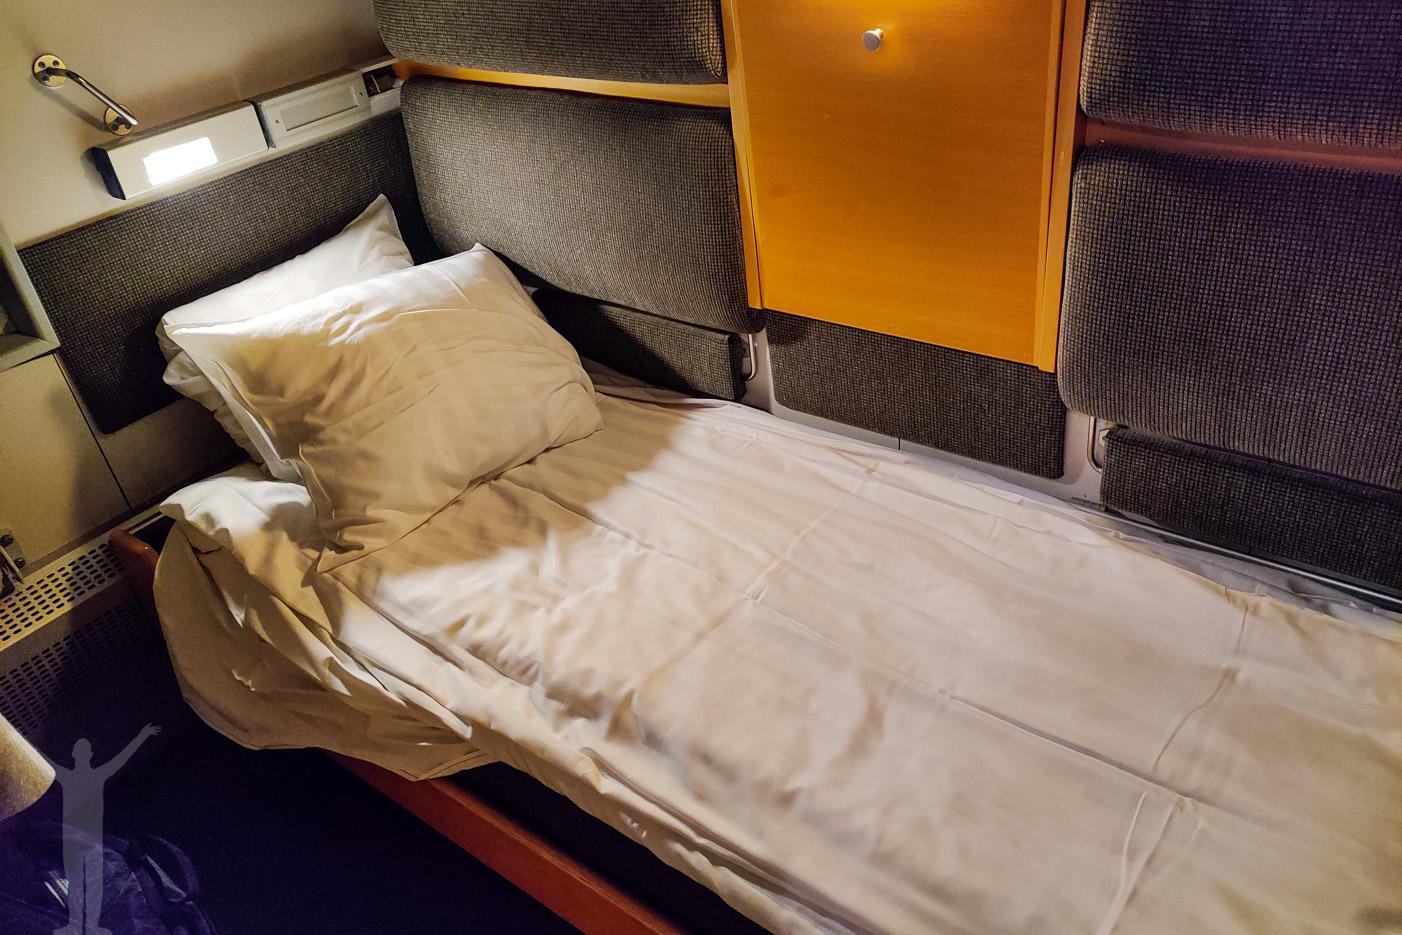 Bäddad säng på SJ:s nattåg